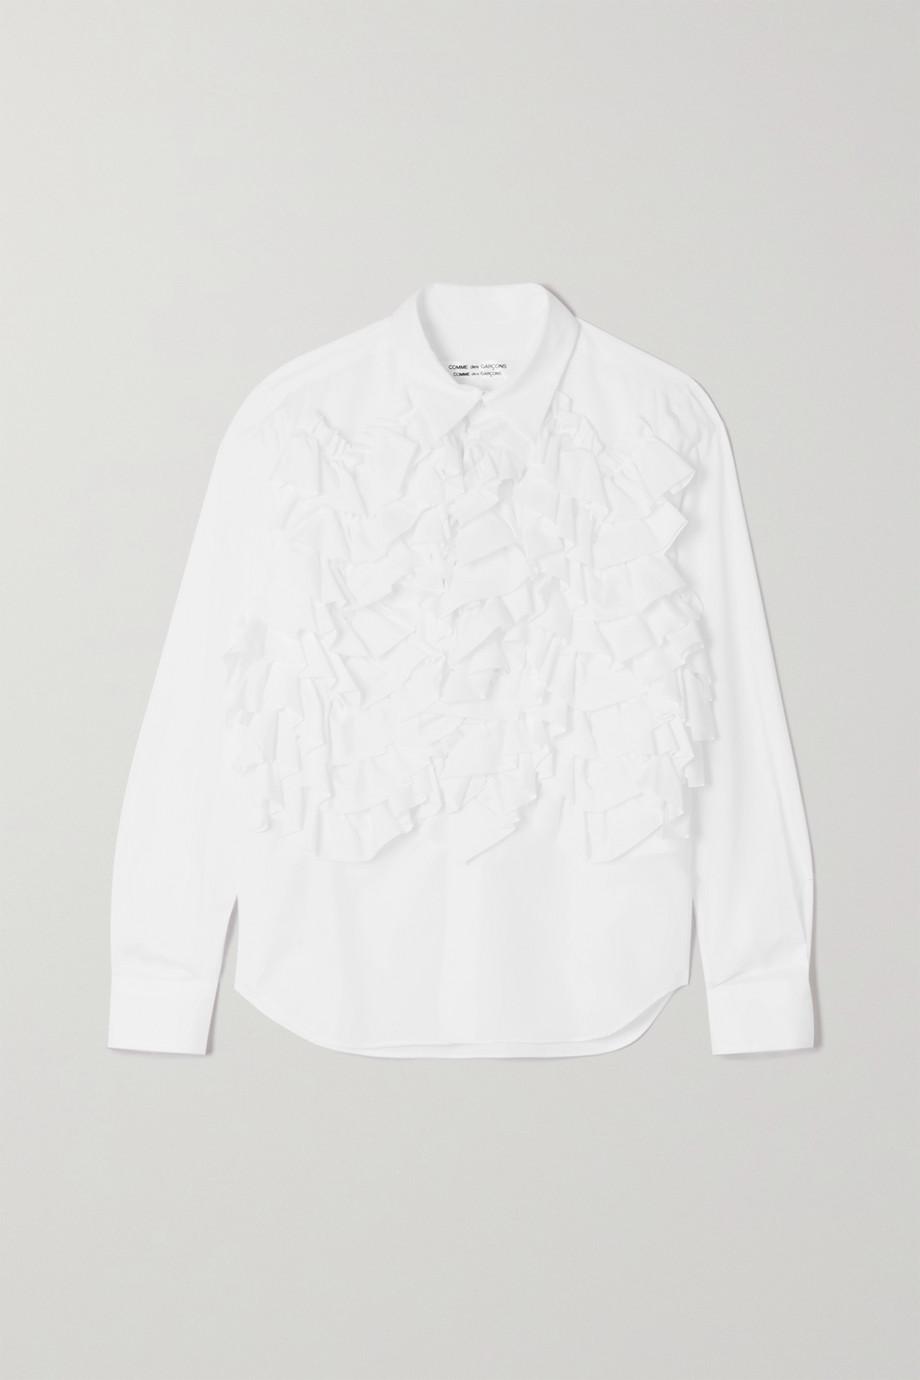 Comme des Garçons Comme des Garçons Ruffled cotton-poplin shirt